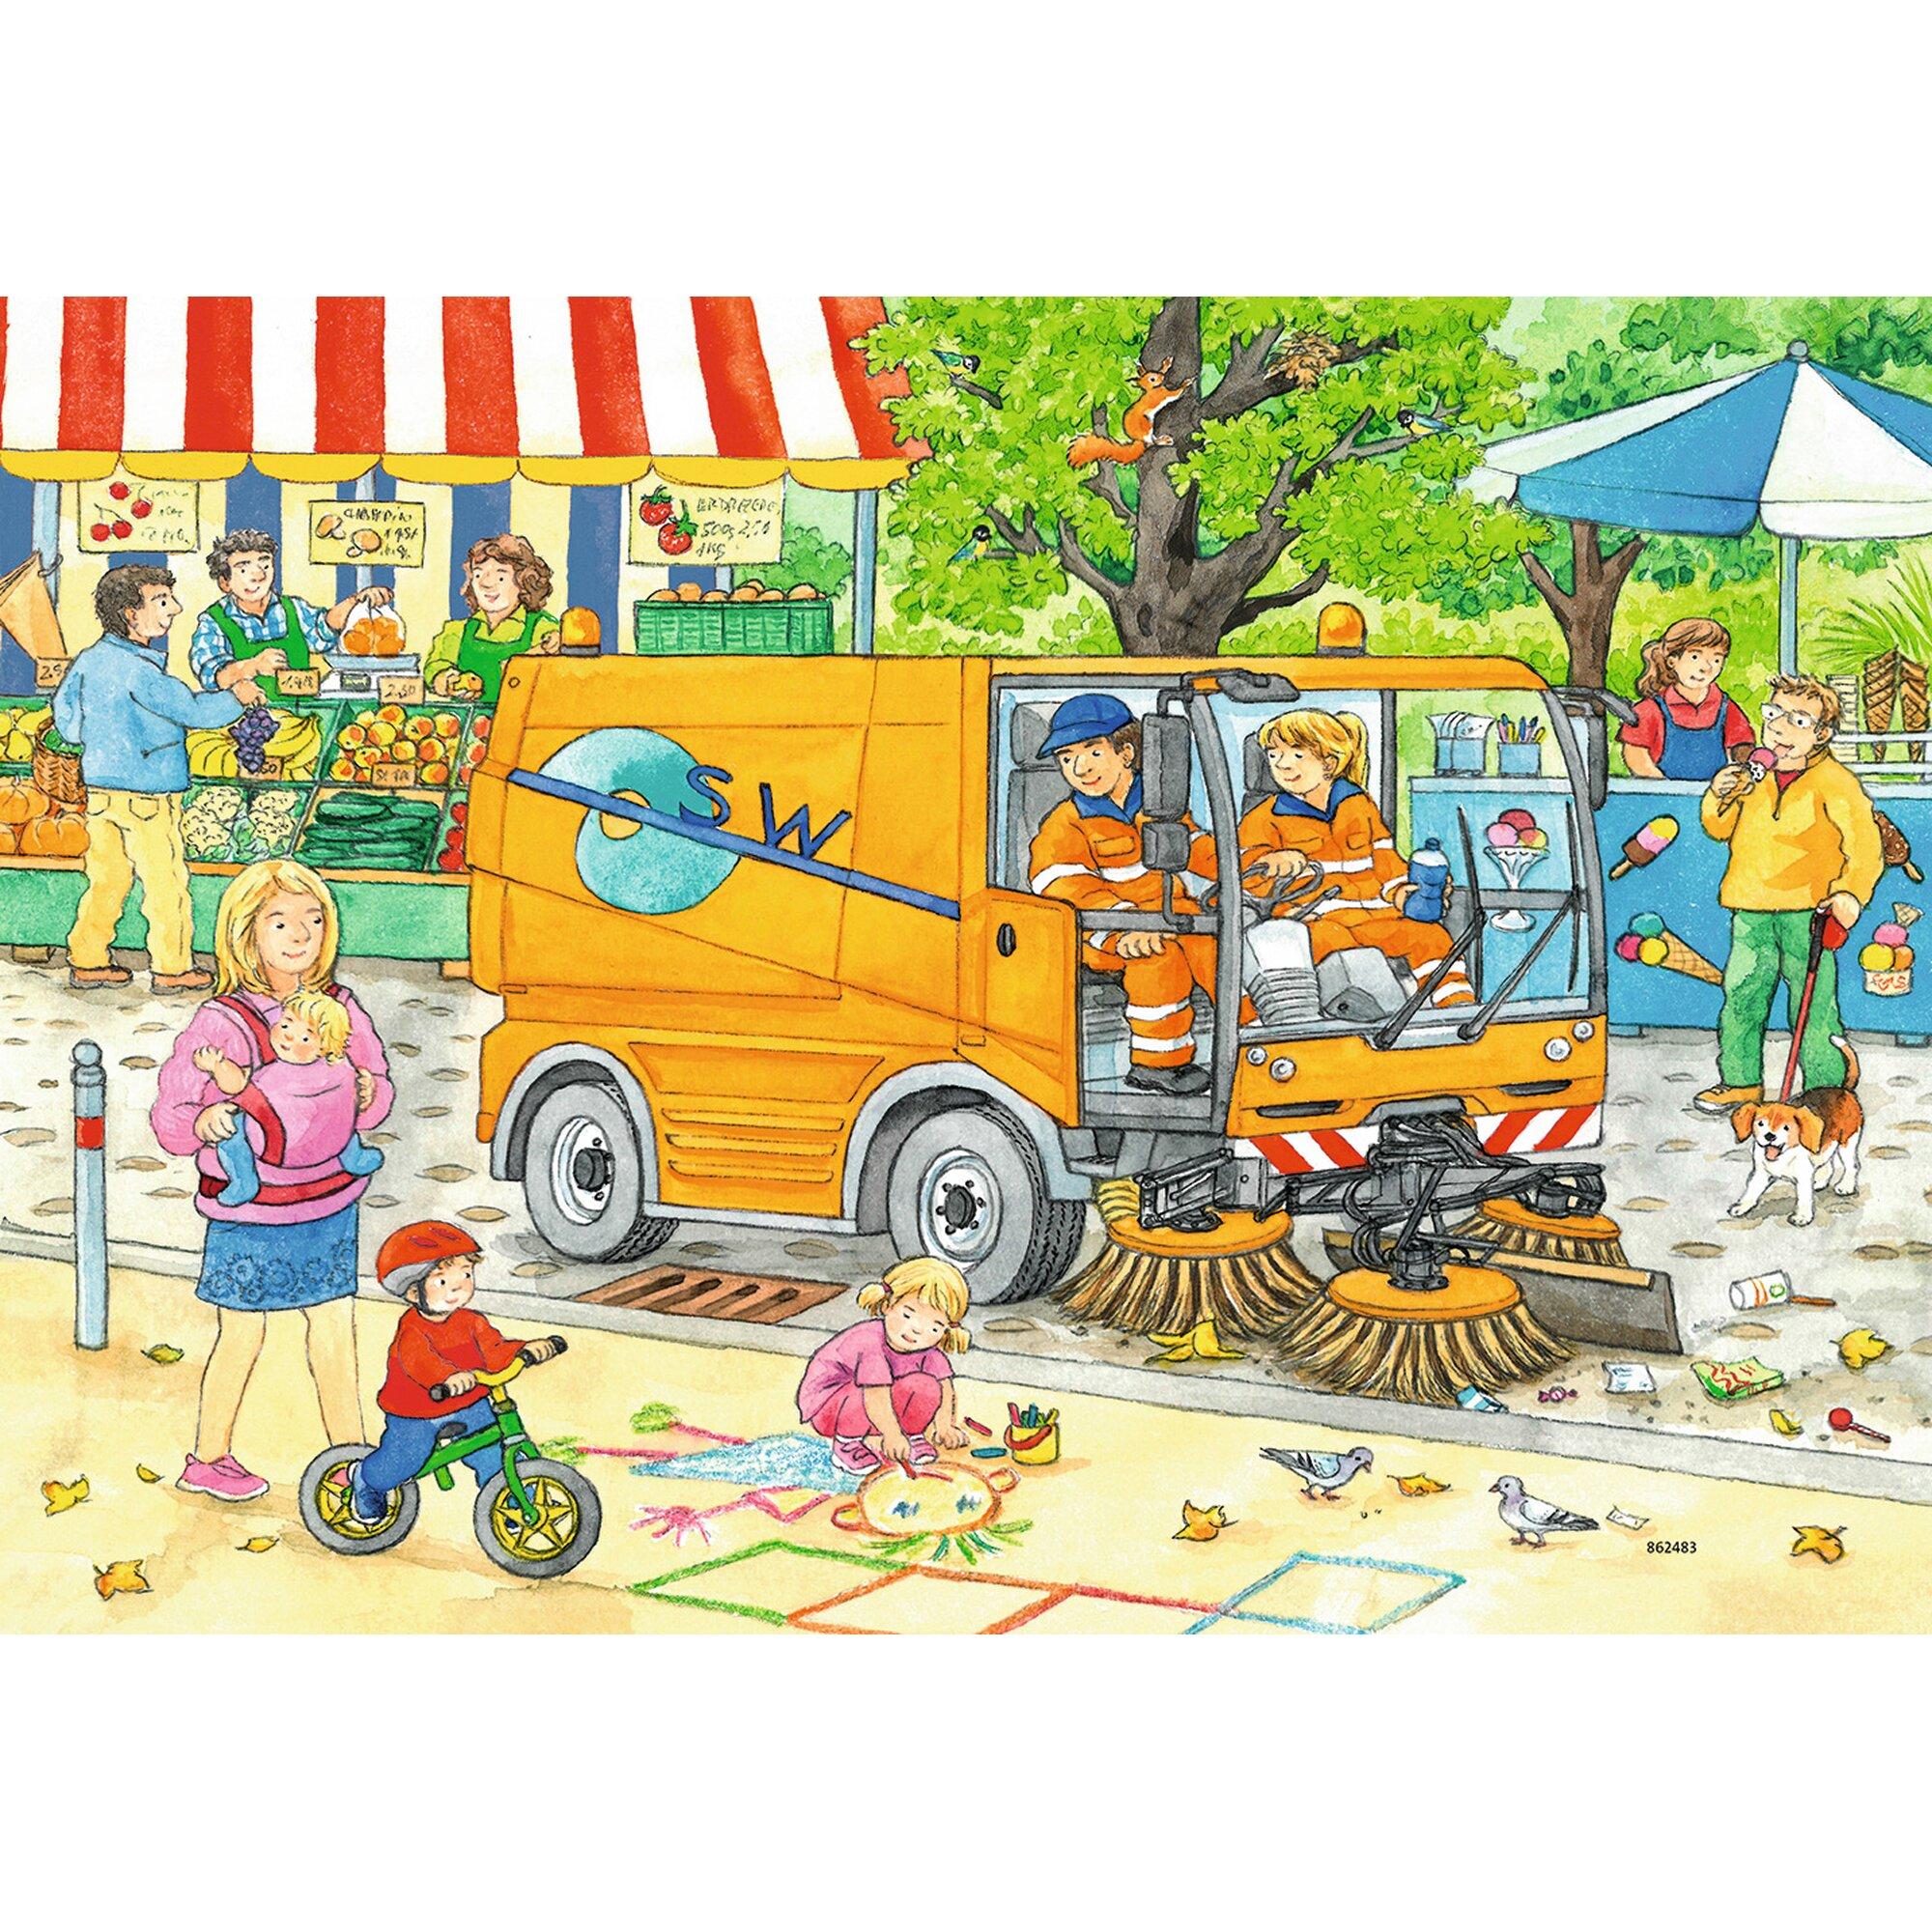 ravensburger-zwei-kinderpuzzles-inkl-mini-postern-12-teile-unterwegs-mit-mullabfuhr-und-kehrmaschine